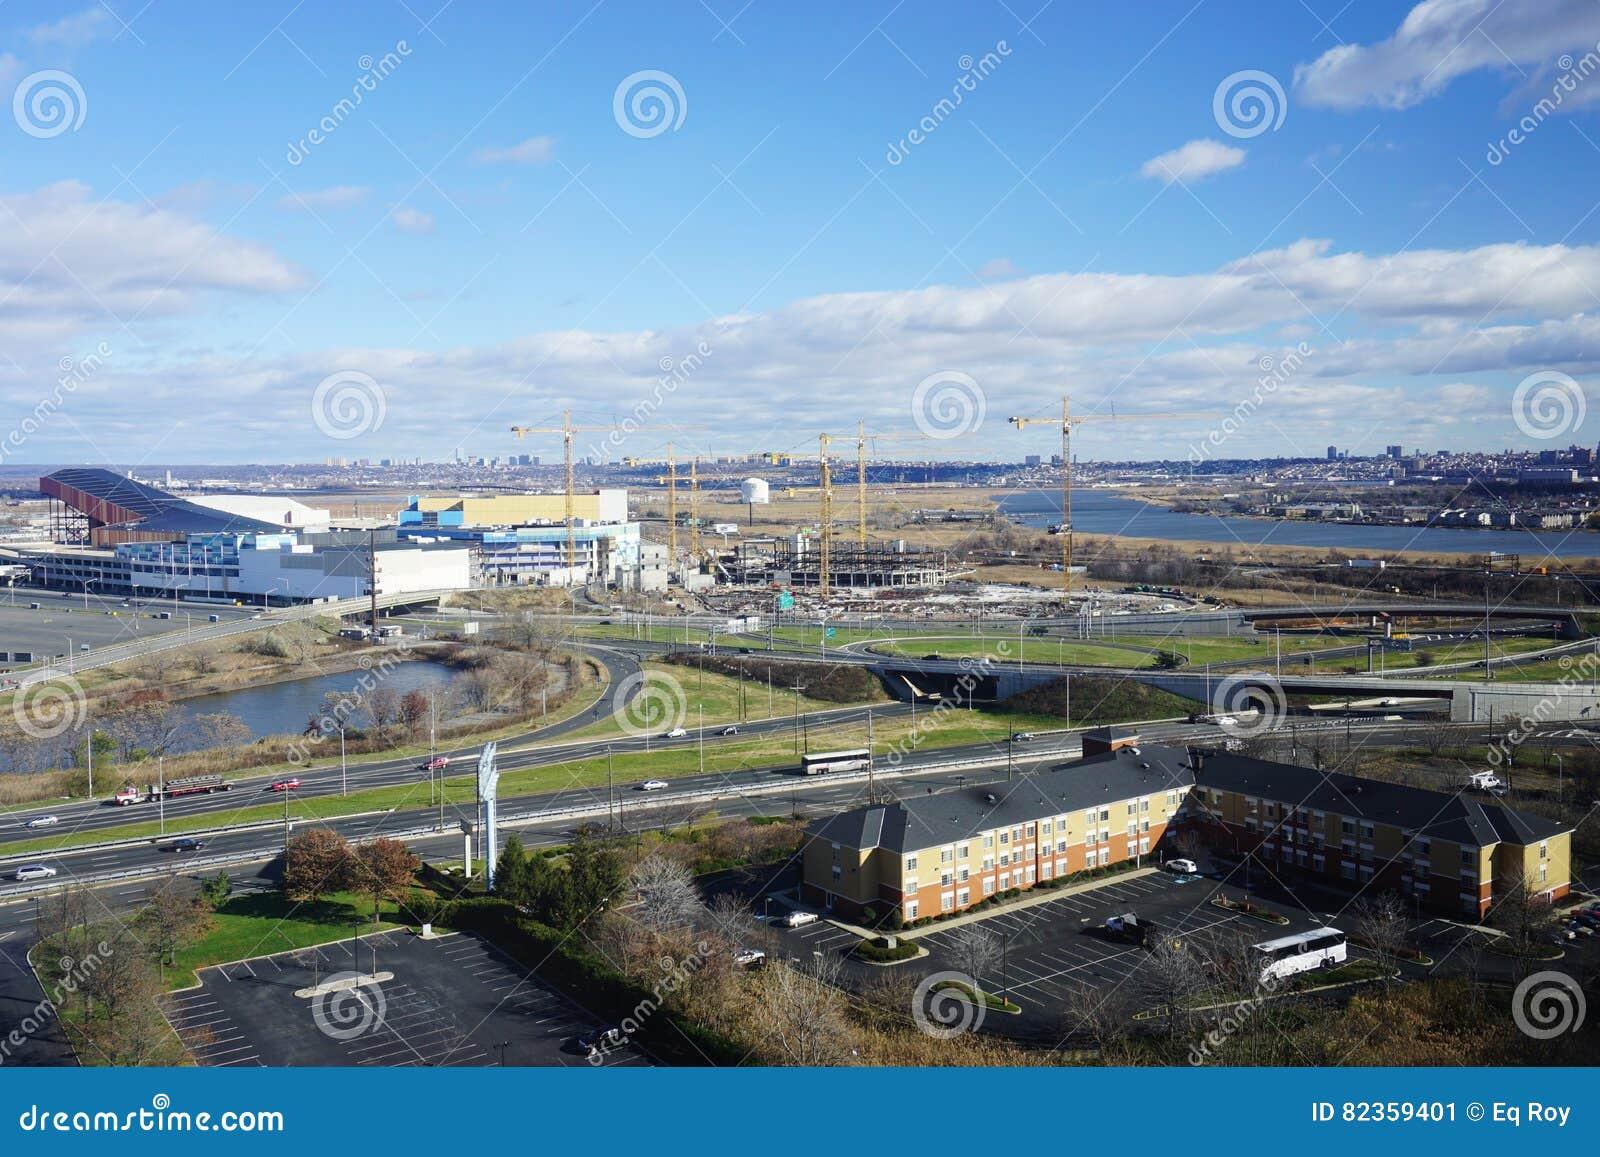 Amerikanska drömmenmeadowlandsna detaljhandel och underhållningkomplex under konstruktion i nytt - ärmlös tröja